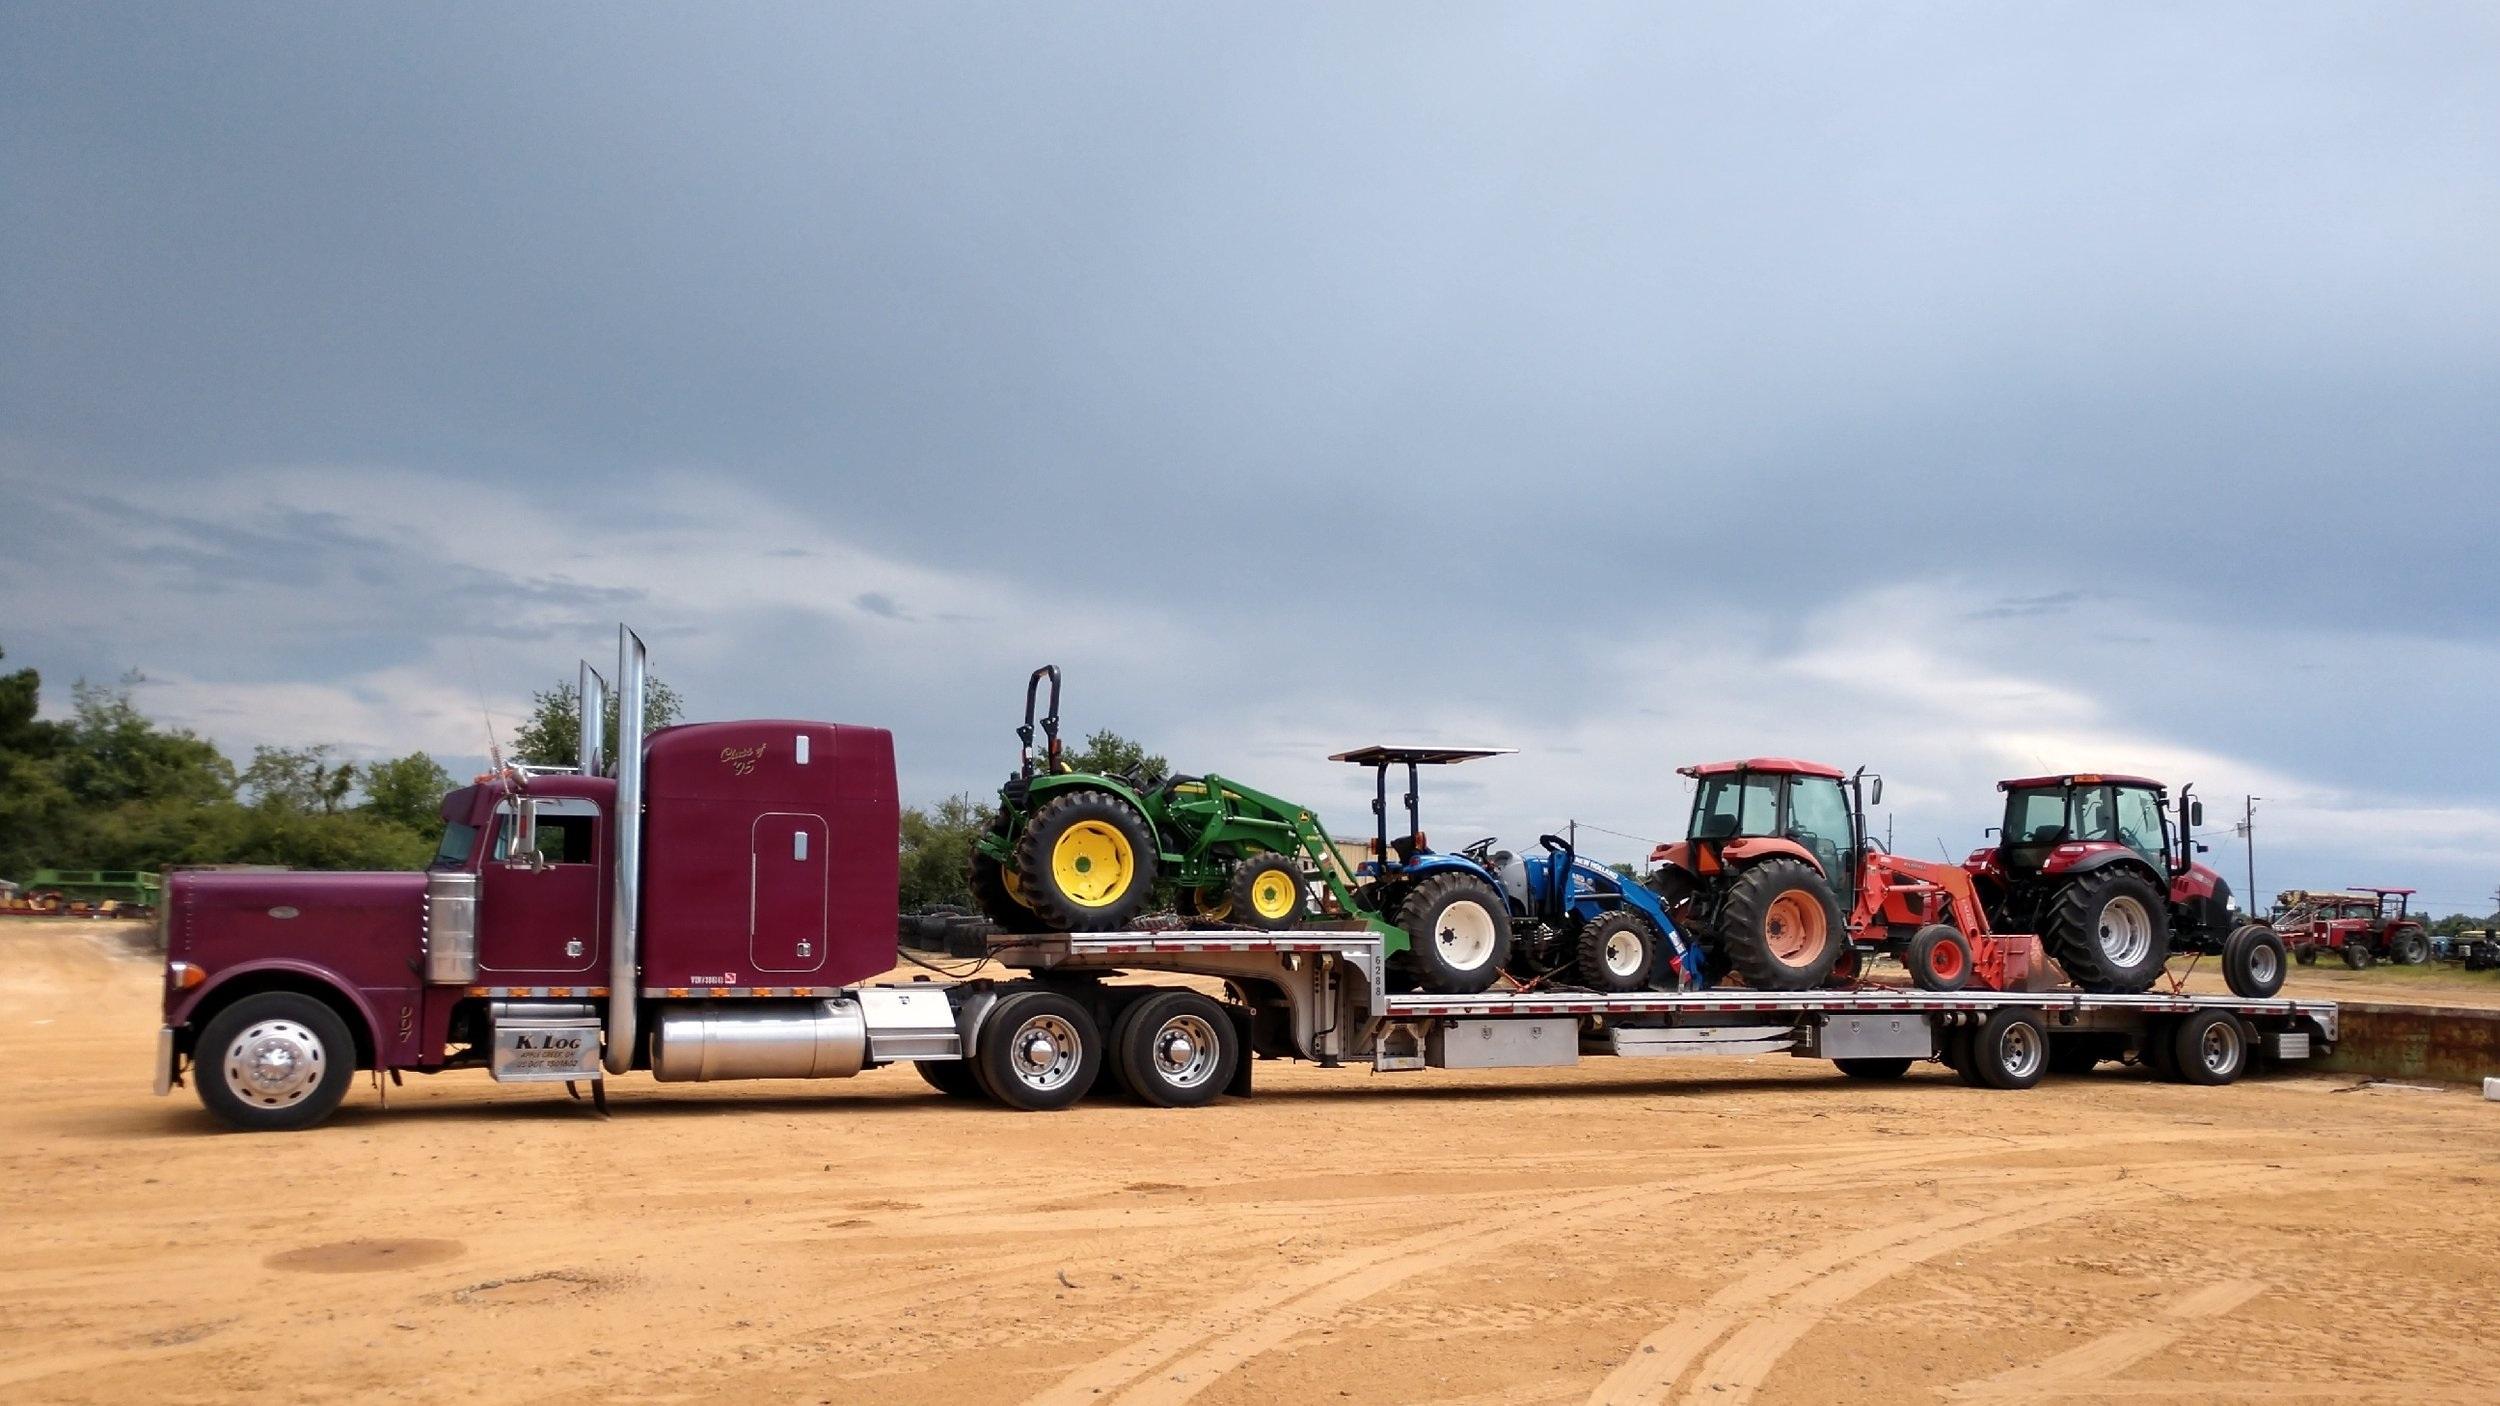 007+with+rainbow+tractors.jpg